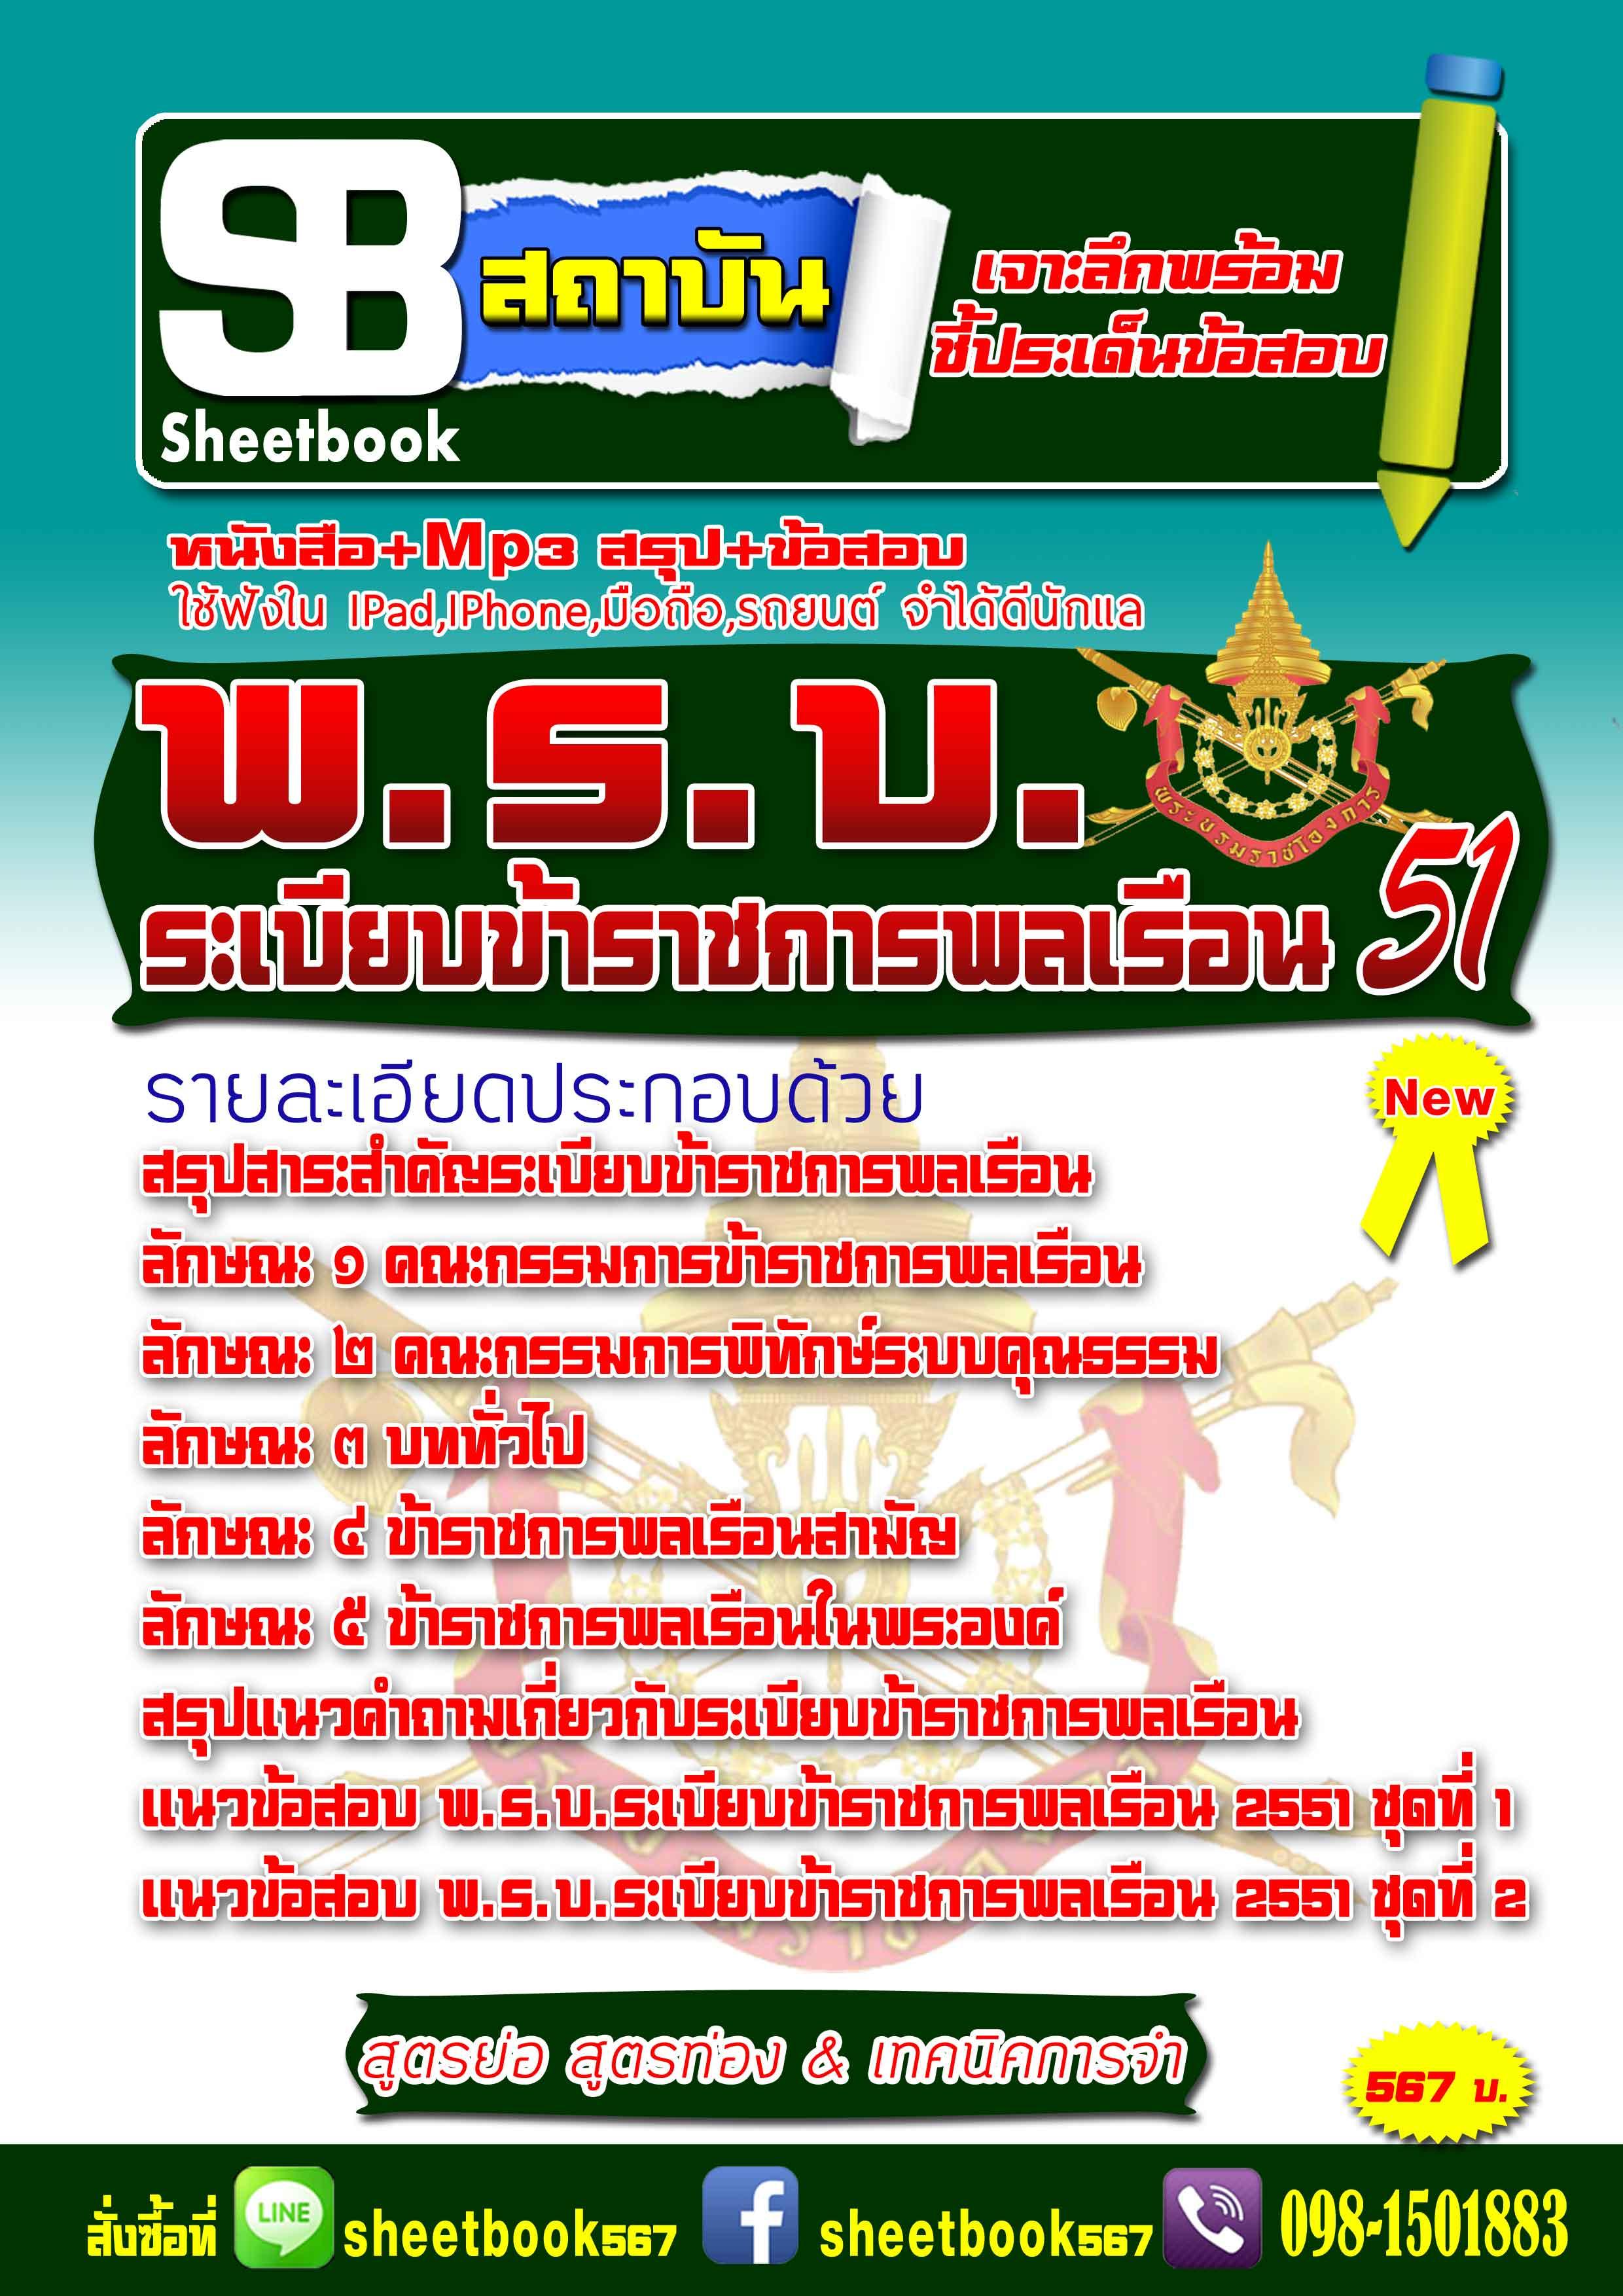 หนังสือ+Mp3 พ.ร.บ.ระเบียบข้าราชการพลเรือน 2551